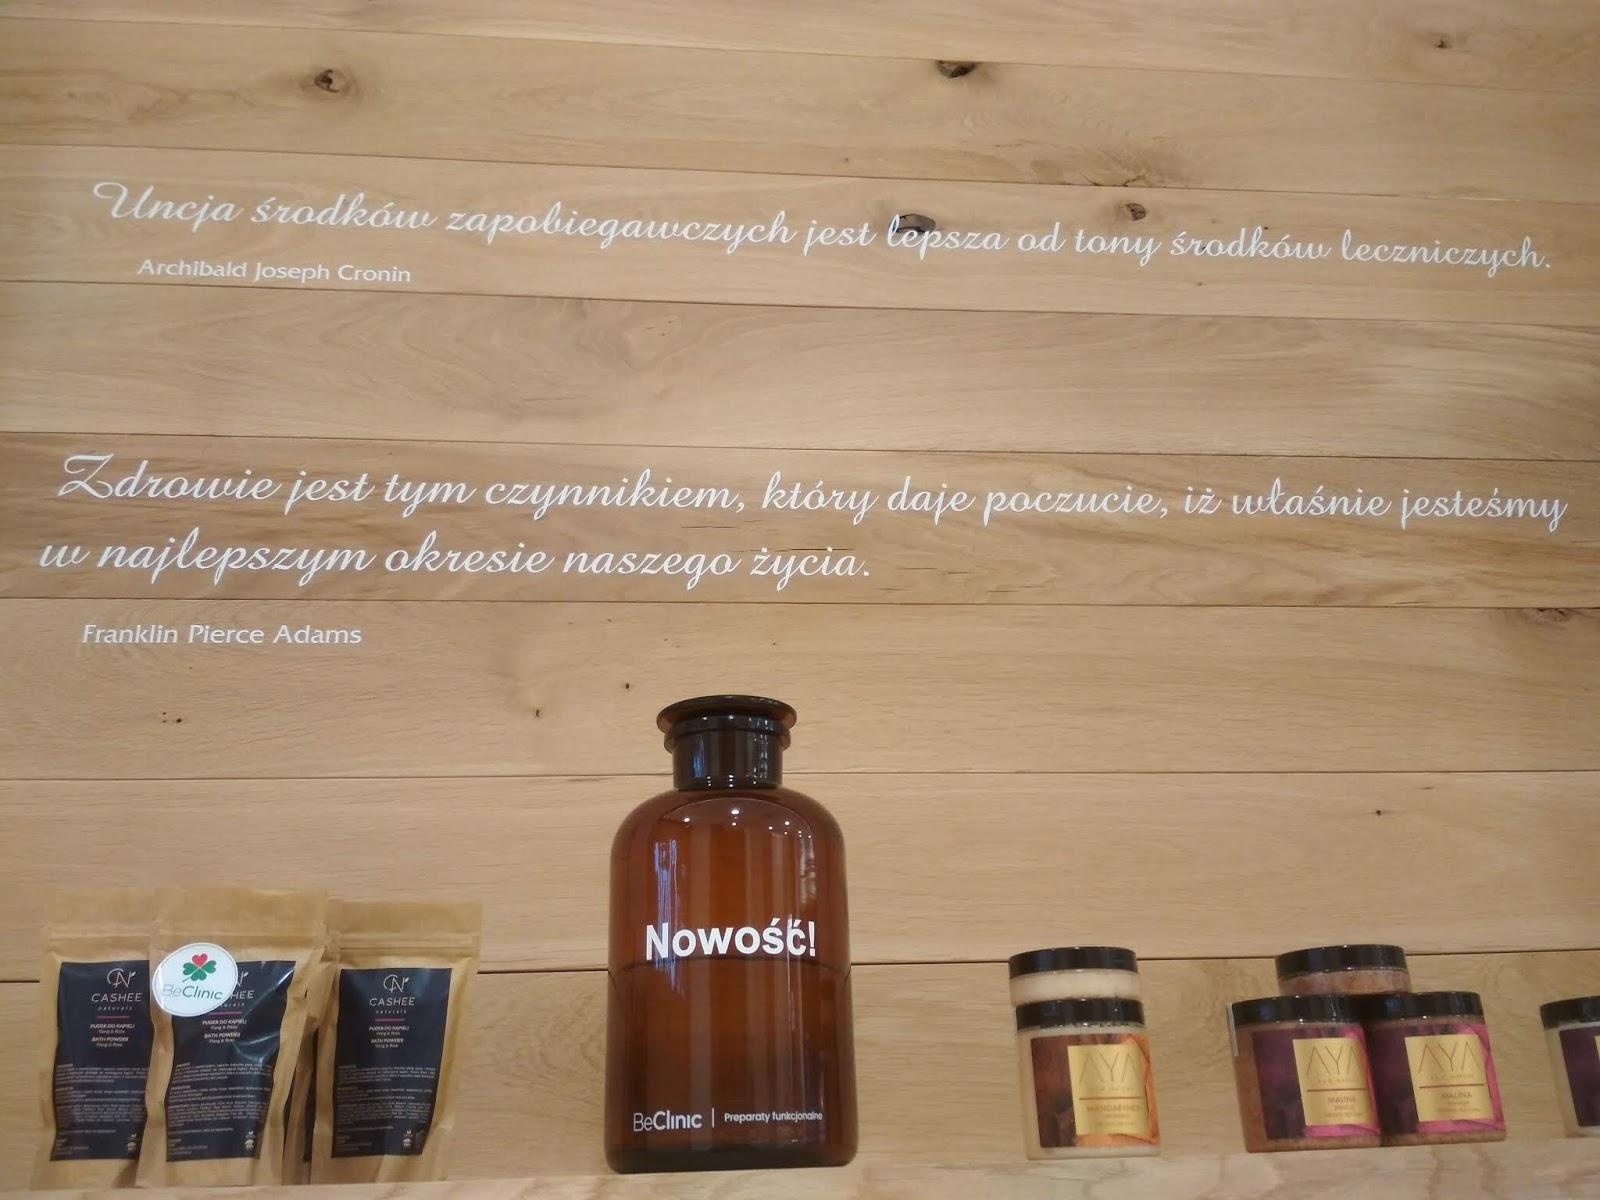 wydarzenia, lifestyle, spotkanie blogerek, beclinic, Gdynia,BeClinic Gdynia, CEntrum Handlowe Riviera, sklep z kosmetykami naturalnymi, kosmetyki naturalne, sklep godny polecenia, Trójmiasto, blogerka Trójmiasto, blog Gdynia